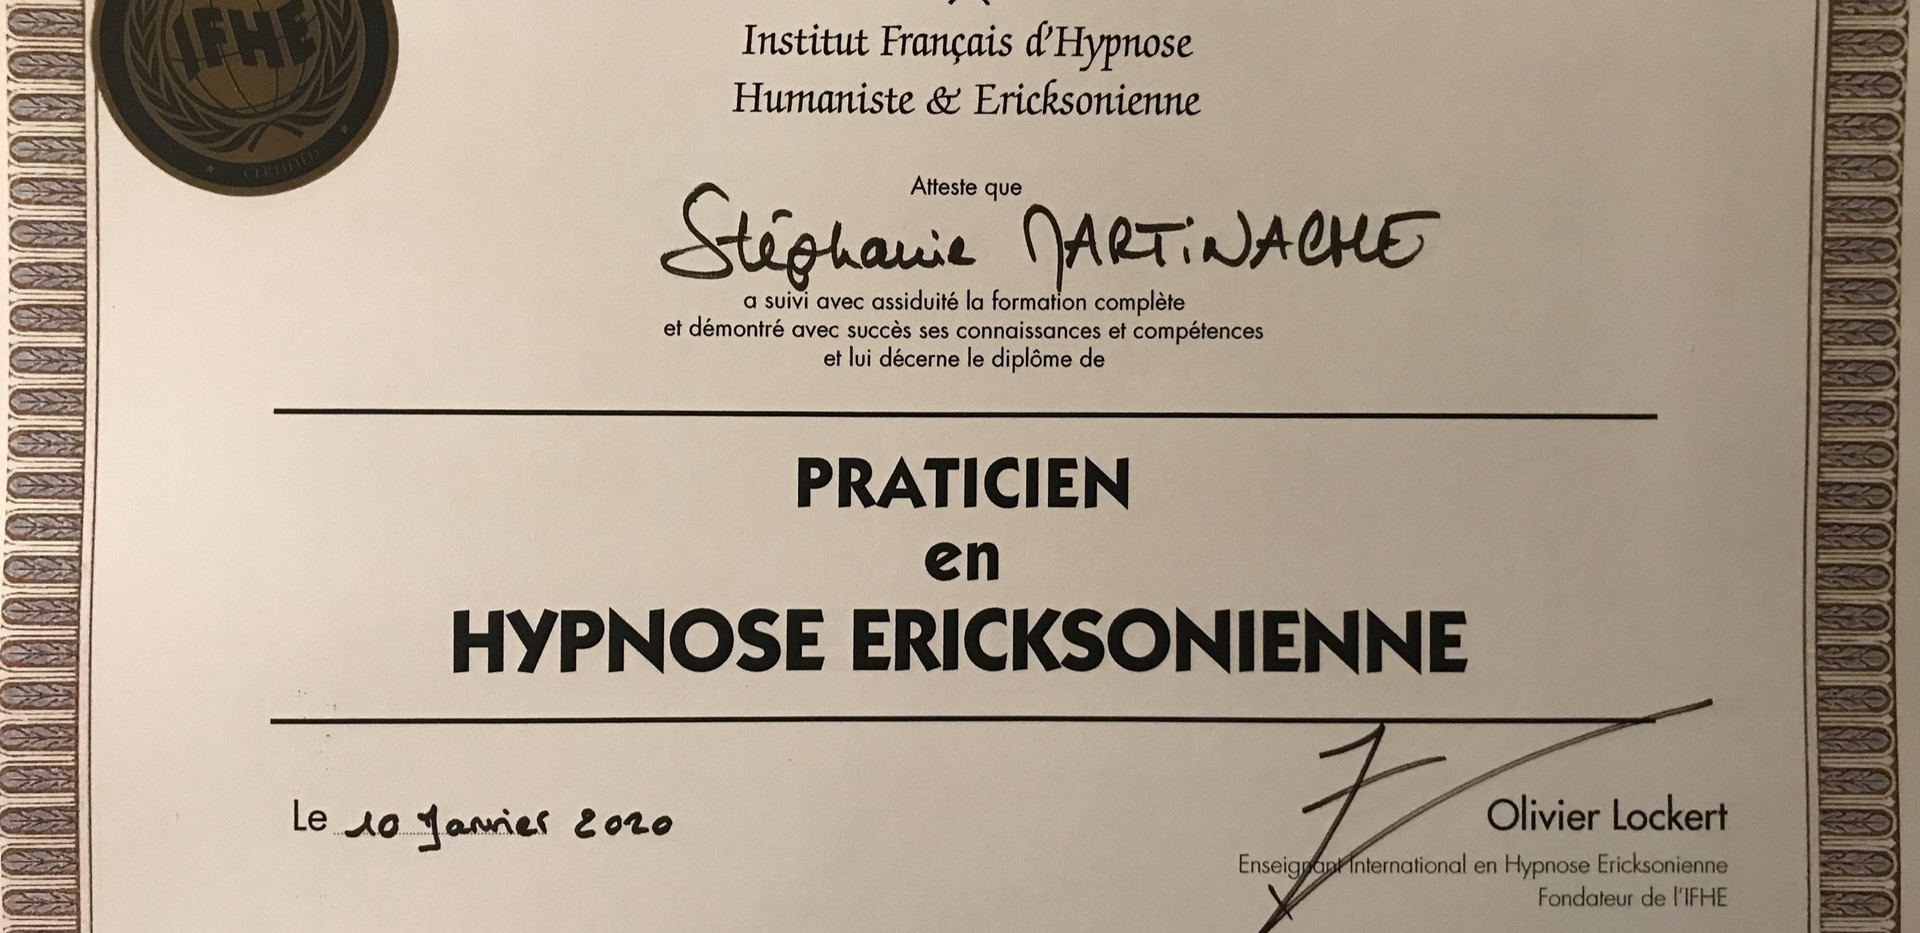 Hypnose Erocksonienne